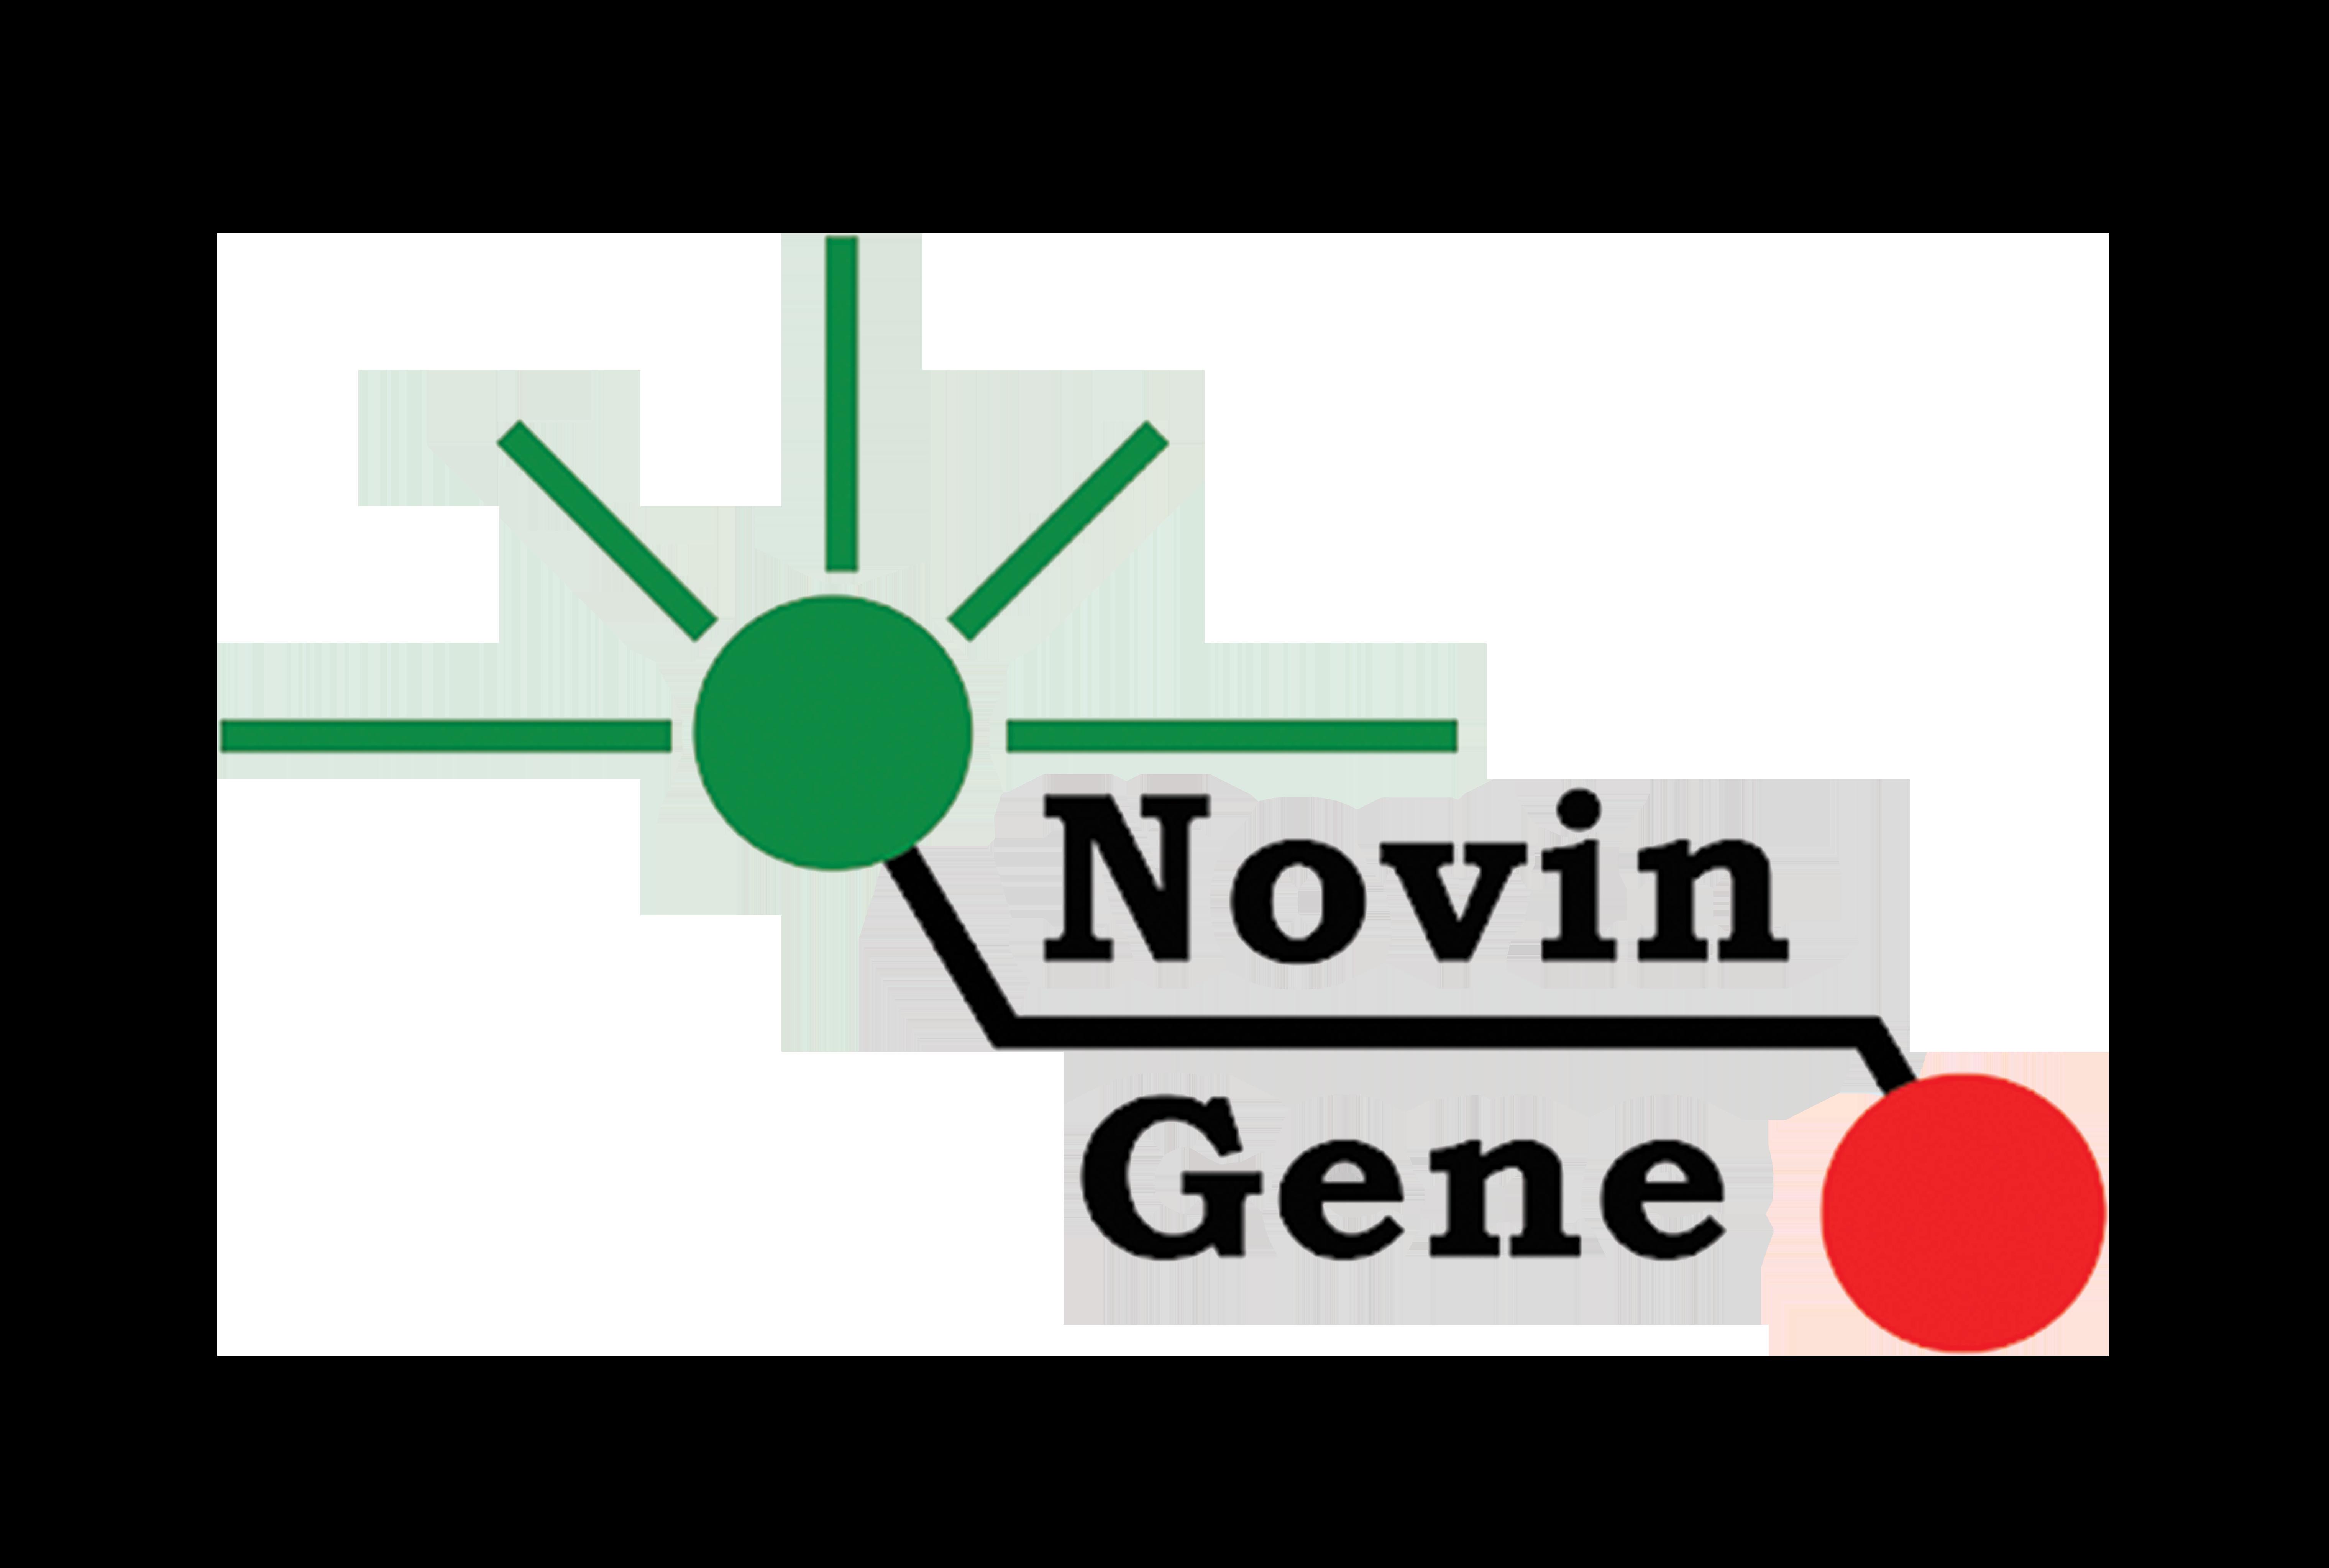 کیت های مولکولی ریل تایم پی سی آر برند نوین ژن